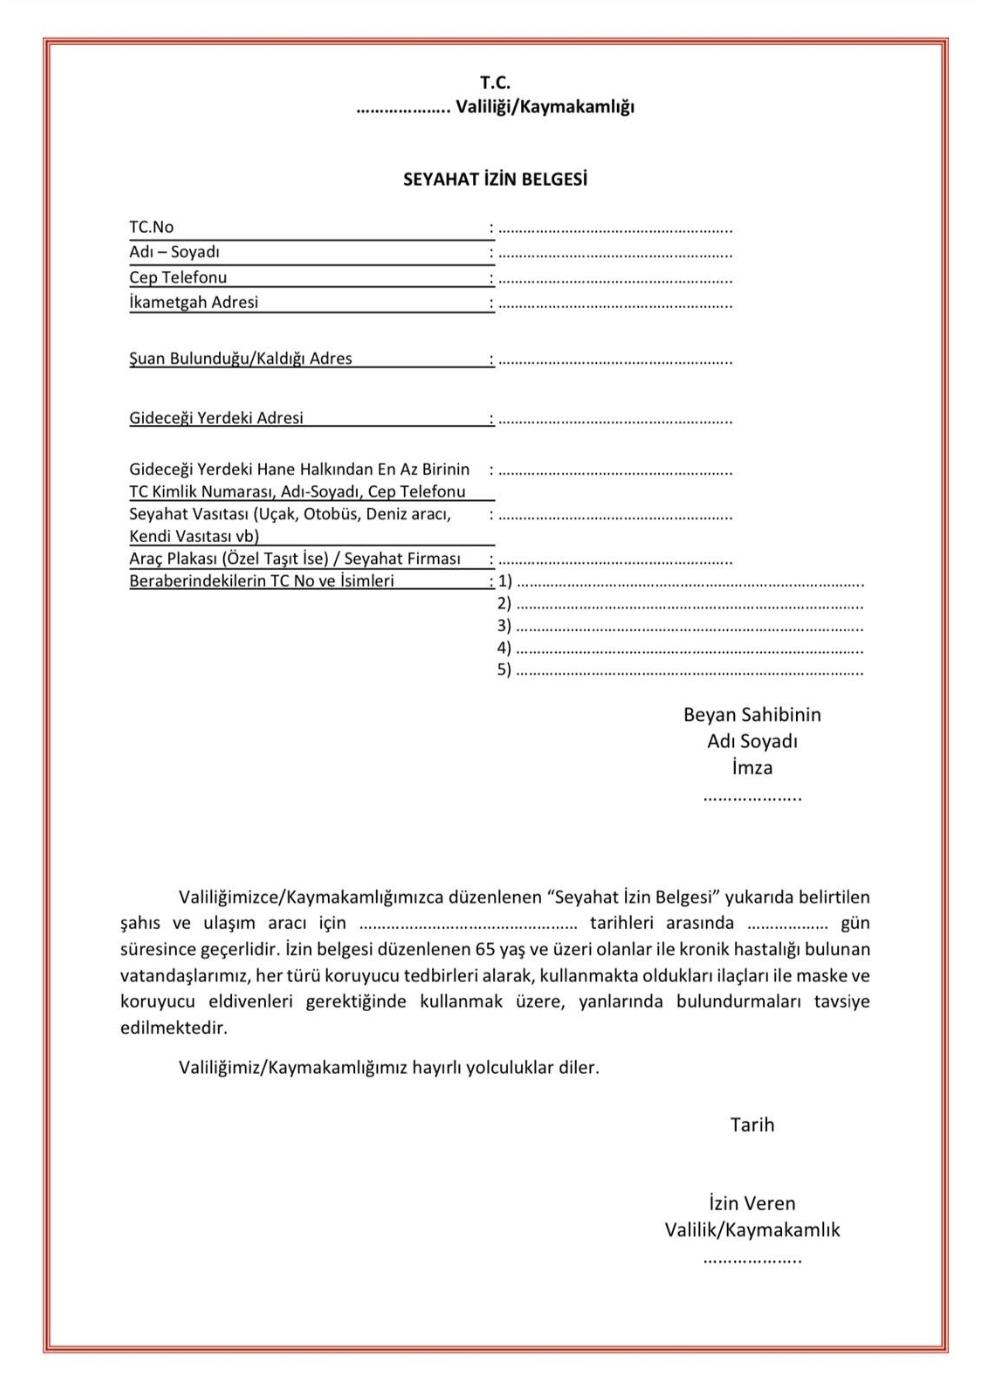 seyahat izin belgesi örneği